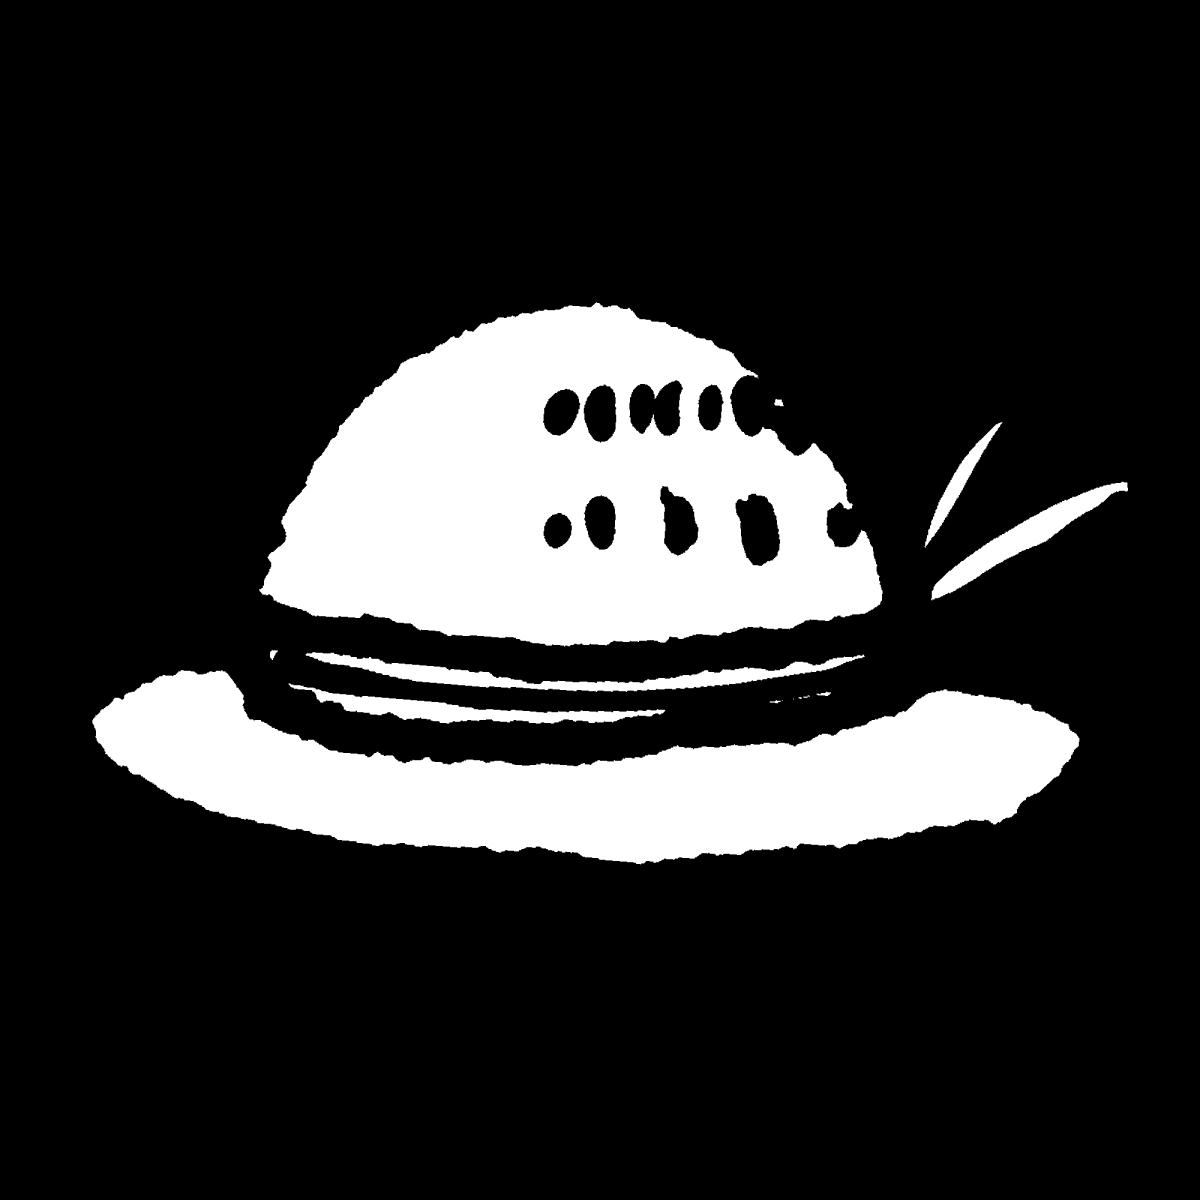 帽子(麦わら帽子)のイラスト / Hat (straw hat) Illustration